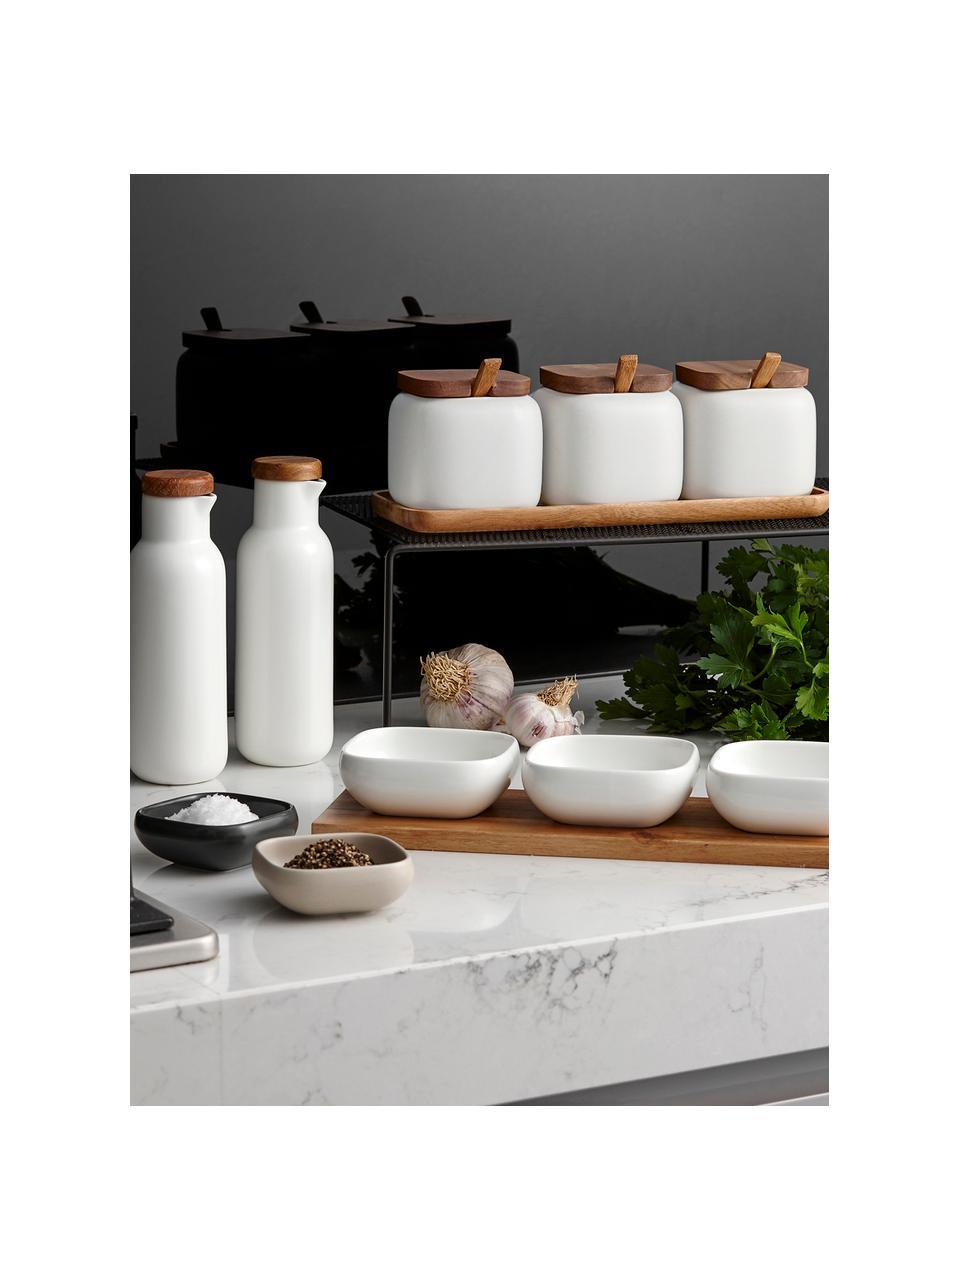 Set contenitori in porcellana e legno di acacia Essentials 7 pz, Contenitore: porcellana, Sabbia, legno di acacia, Set in varie misure